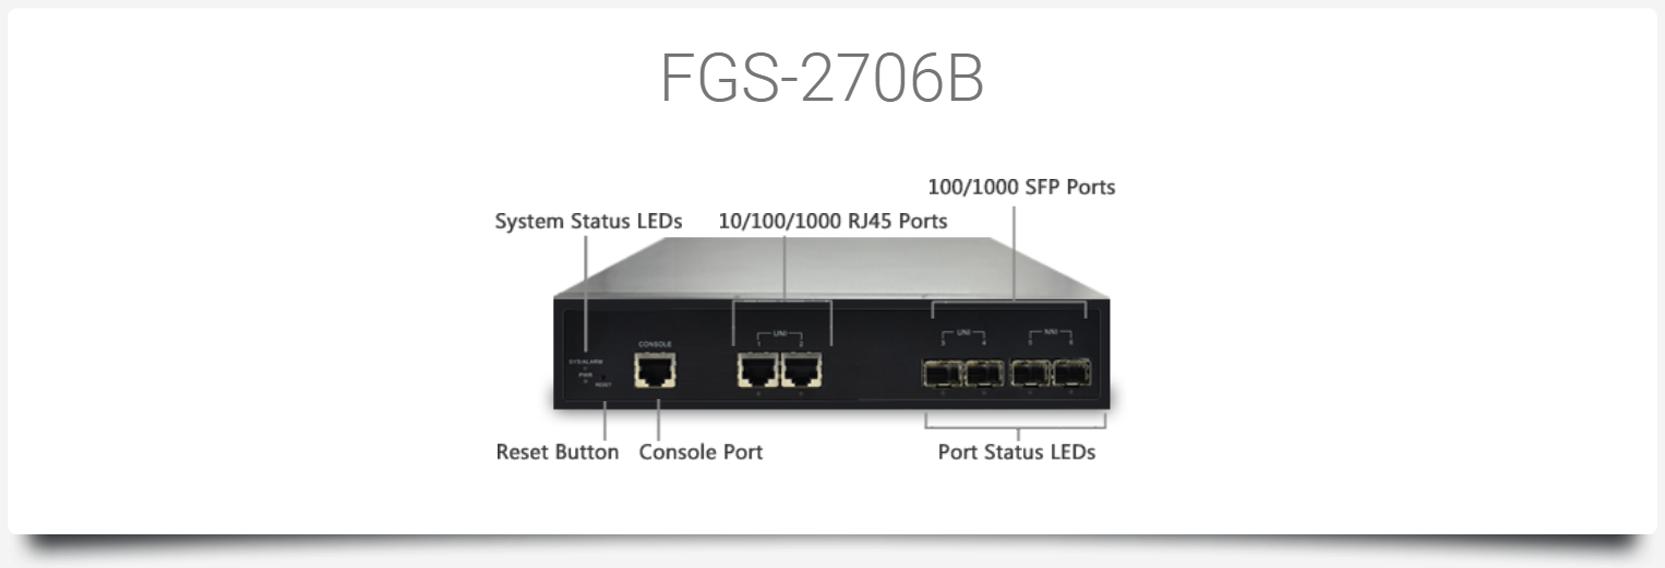 FGS-2706B